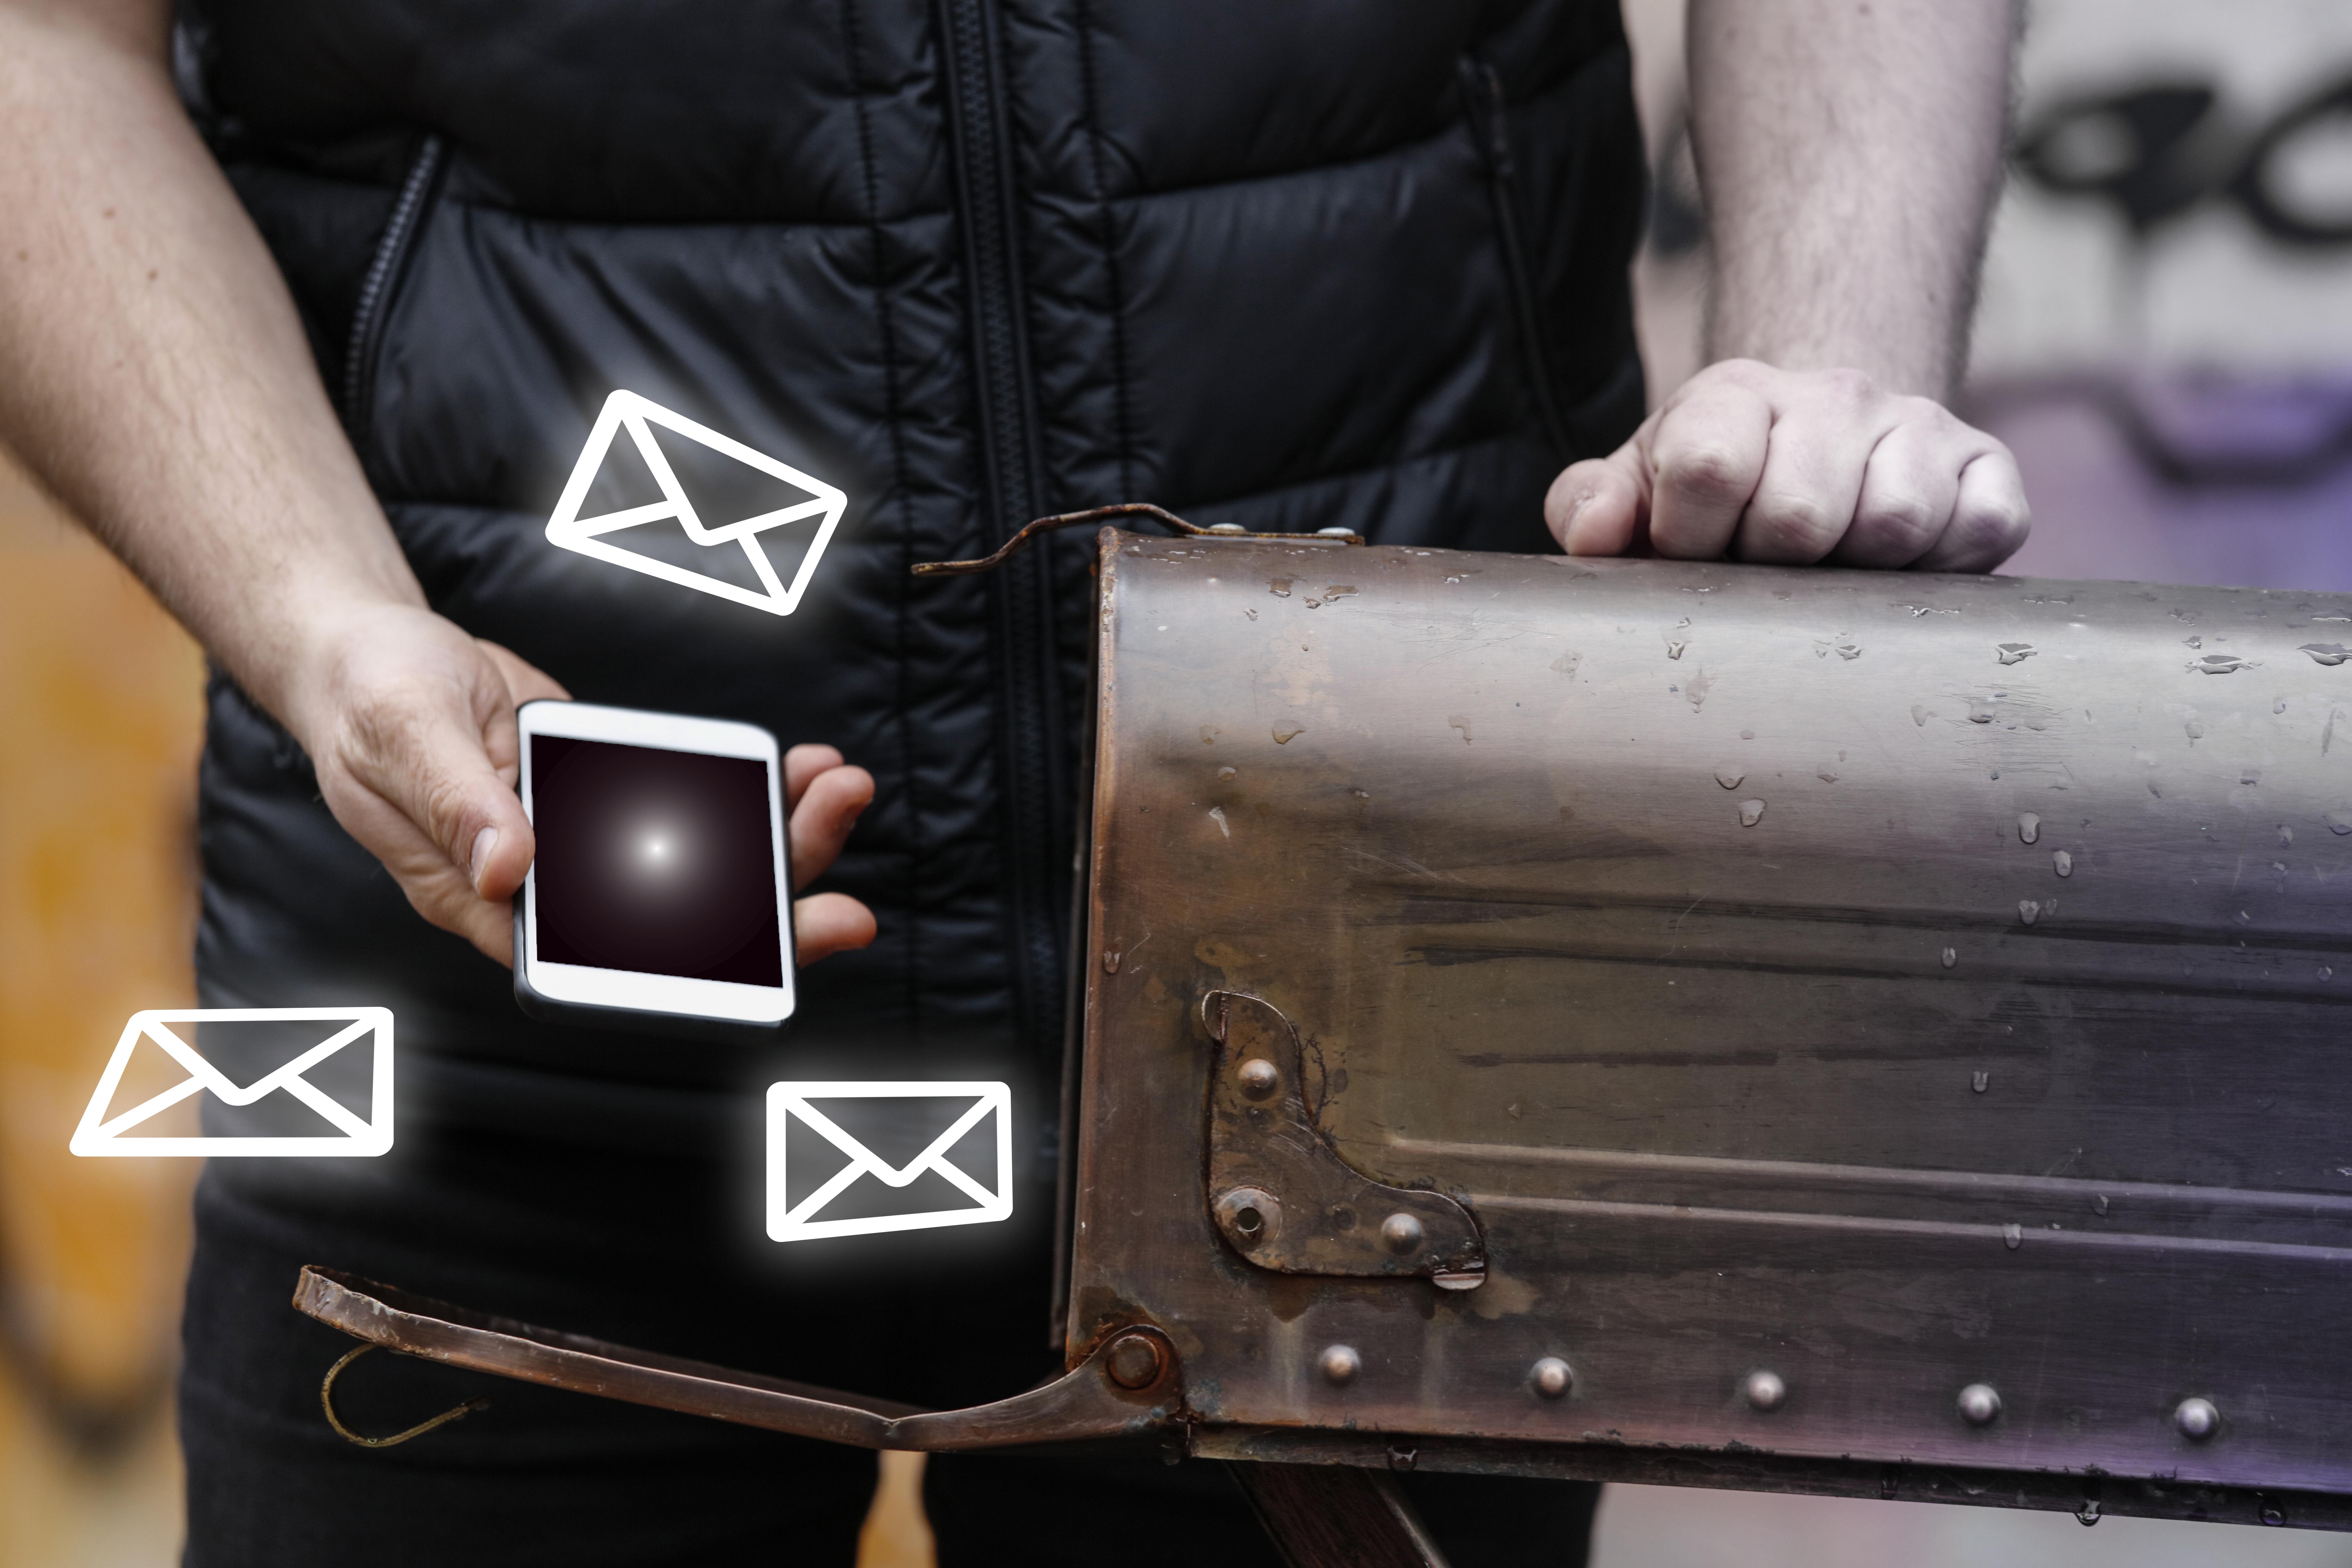 Man at Mailbox with phone